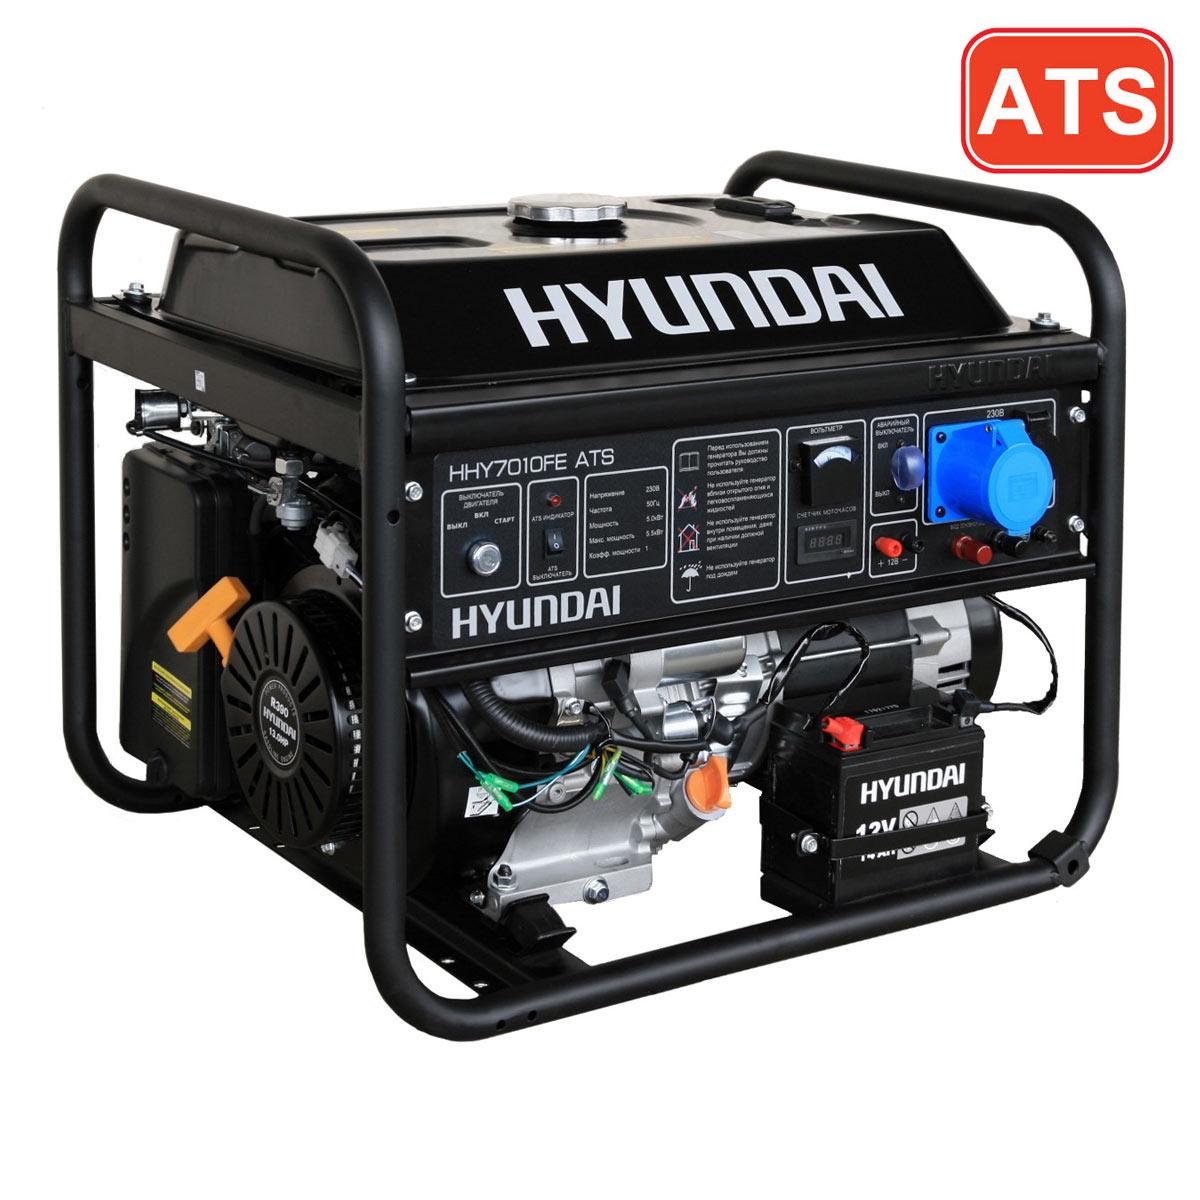 как подключить генератор hyundai с ats